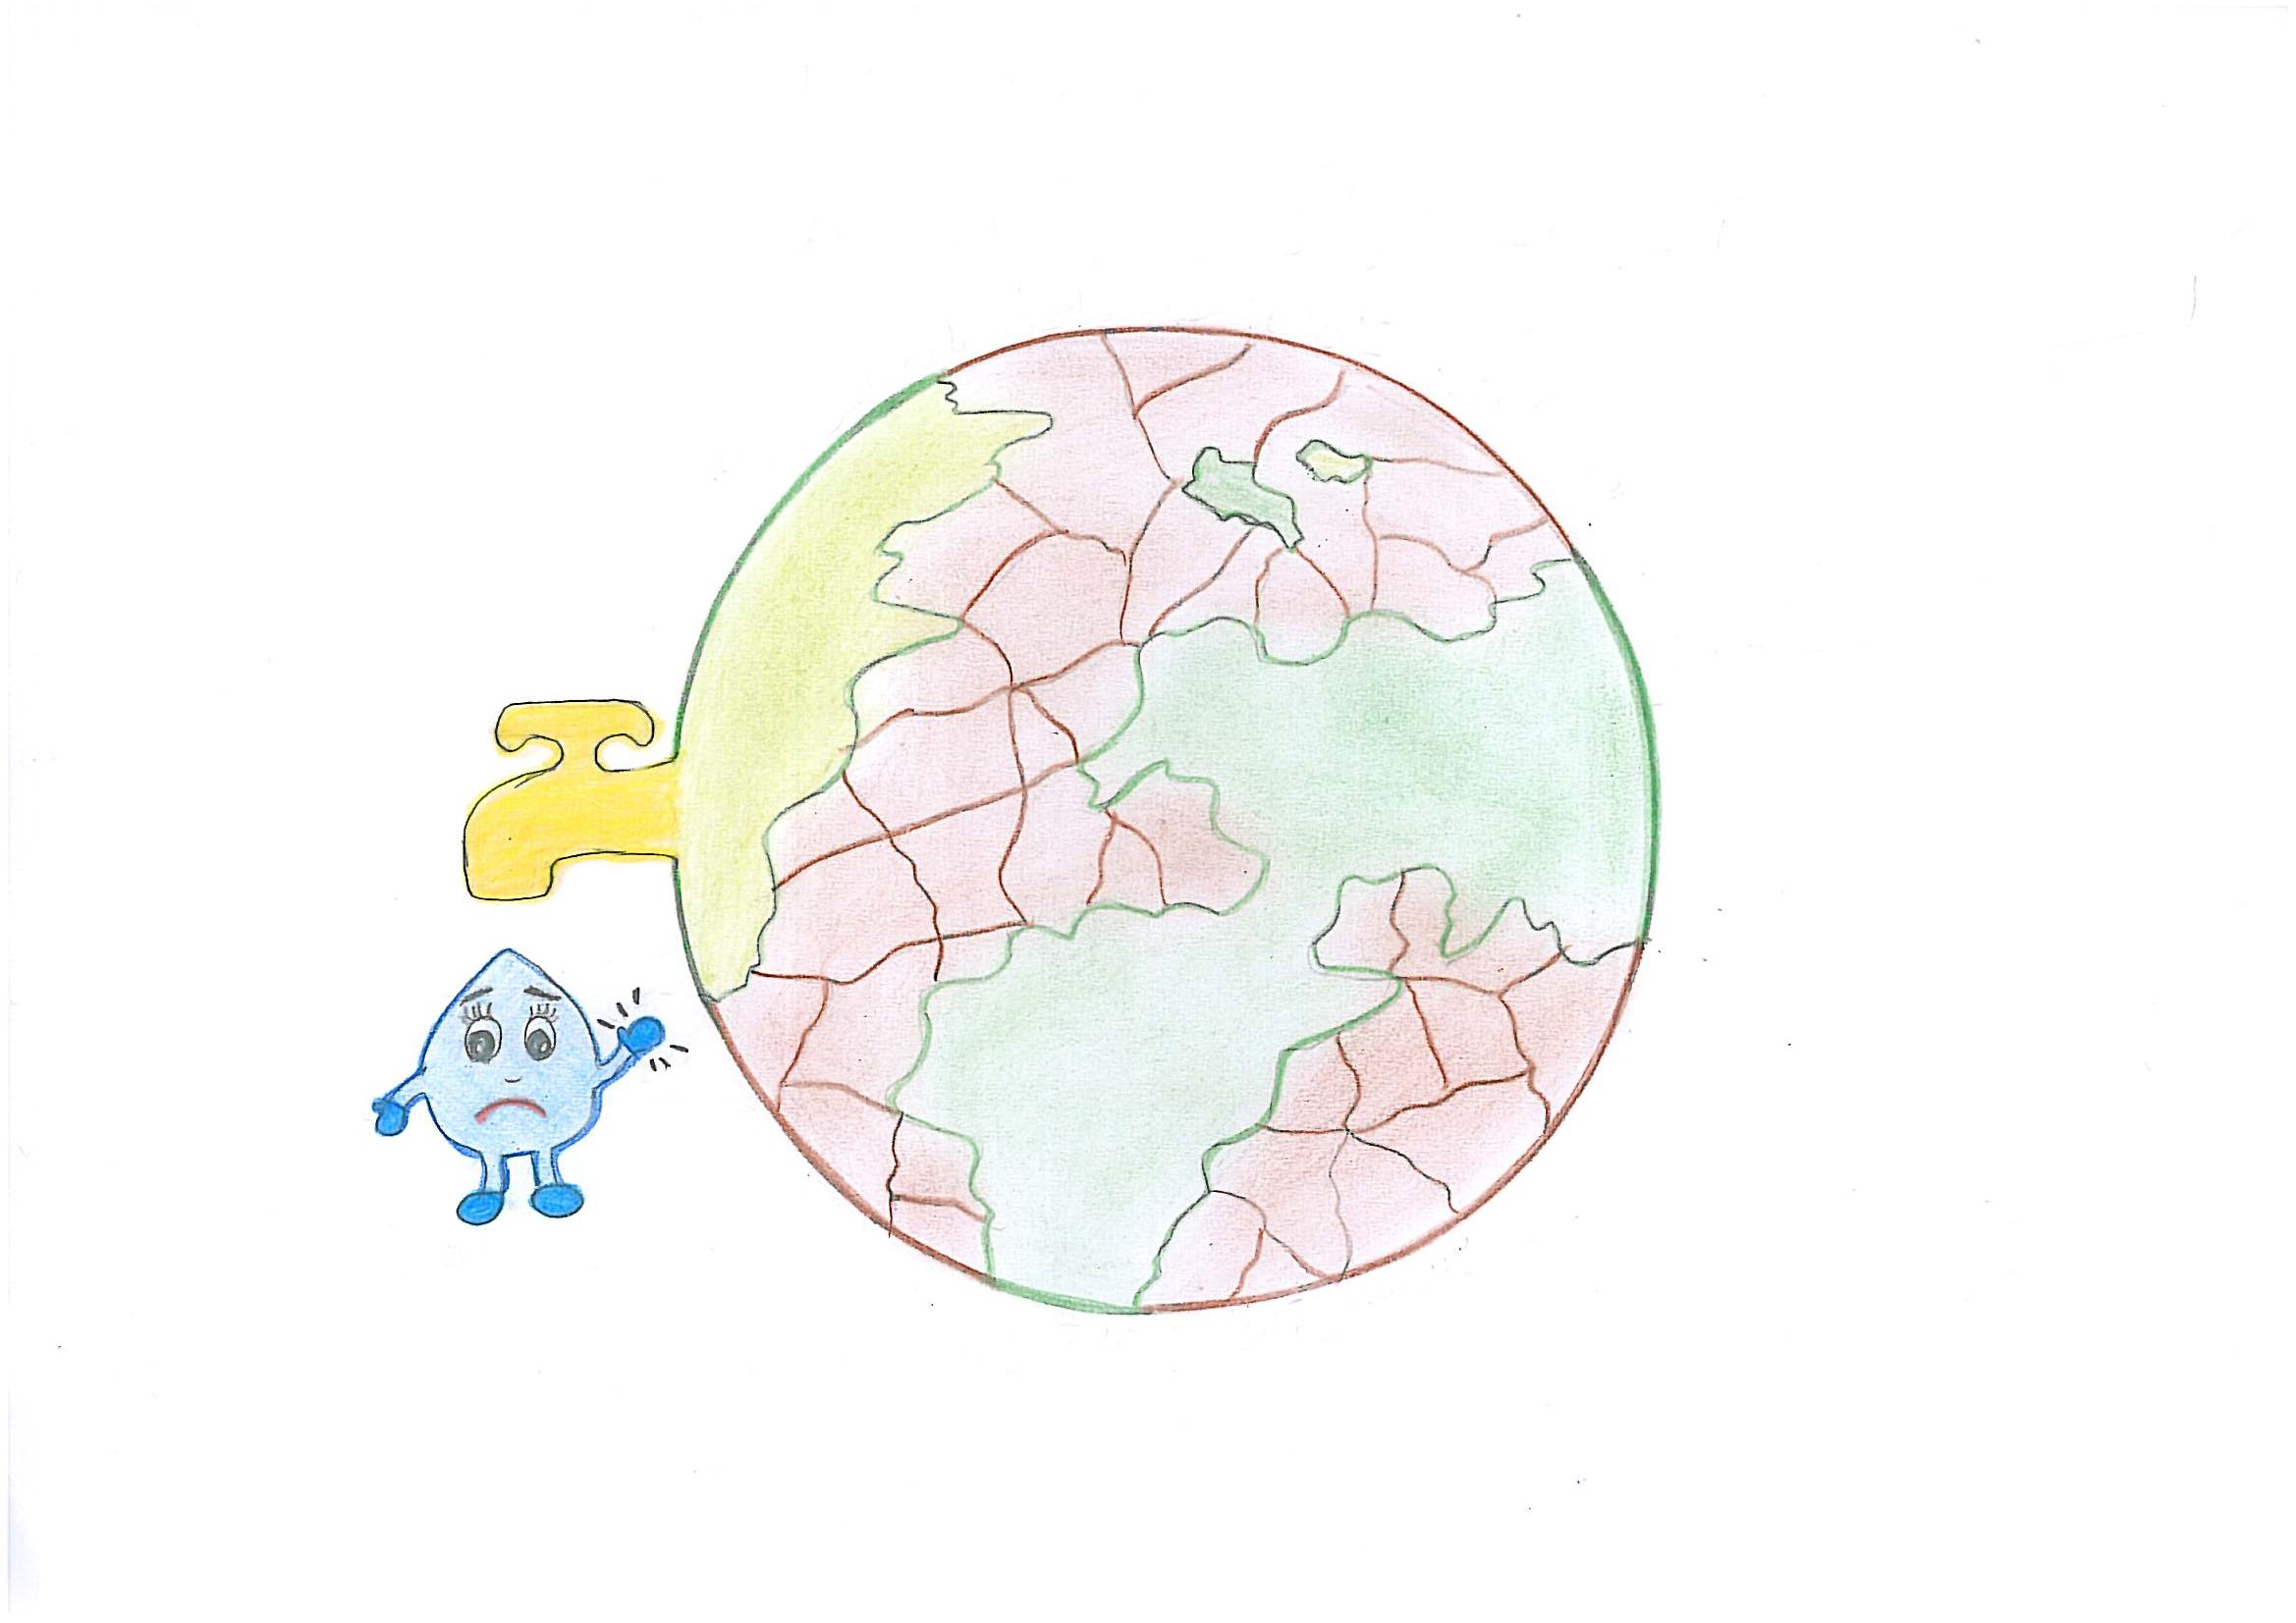 اسم واقعی چکوری بهترین-نقاشی-درمورد-پرسش-مهر